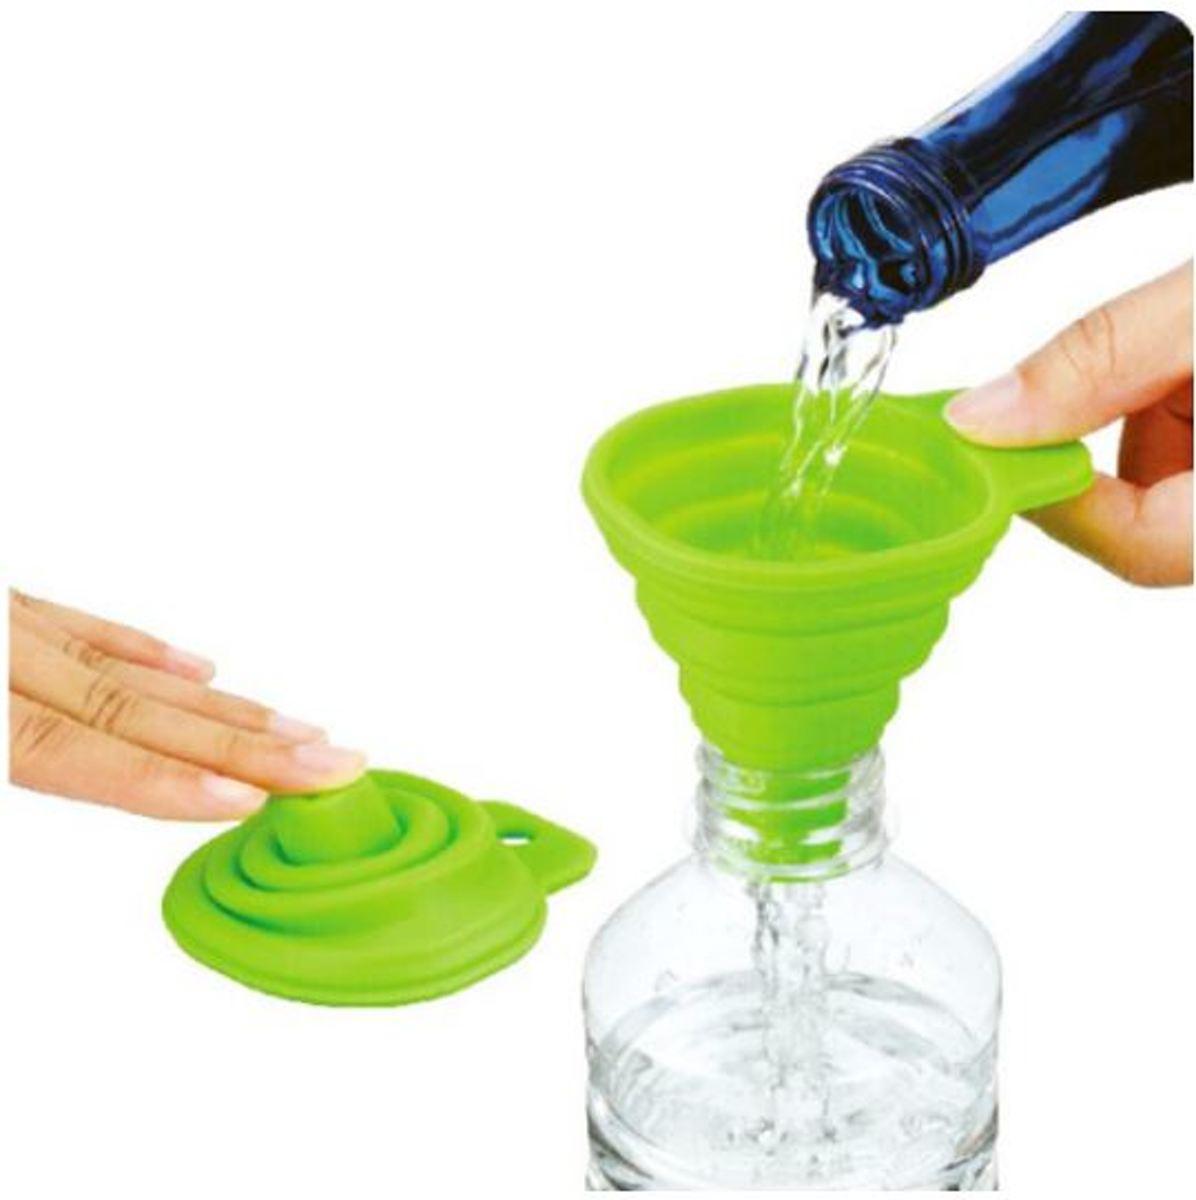 Opvouwbare Siliconen Trechter - Inklapbaar handig keuken hulp tool - groen kopen